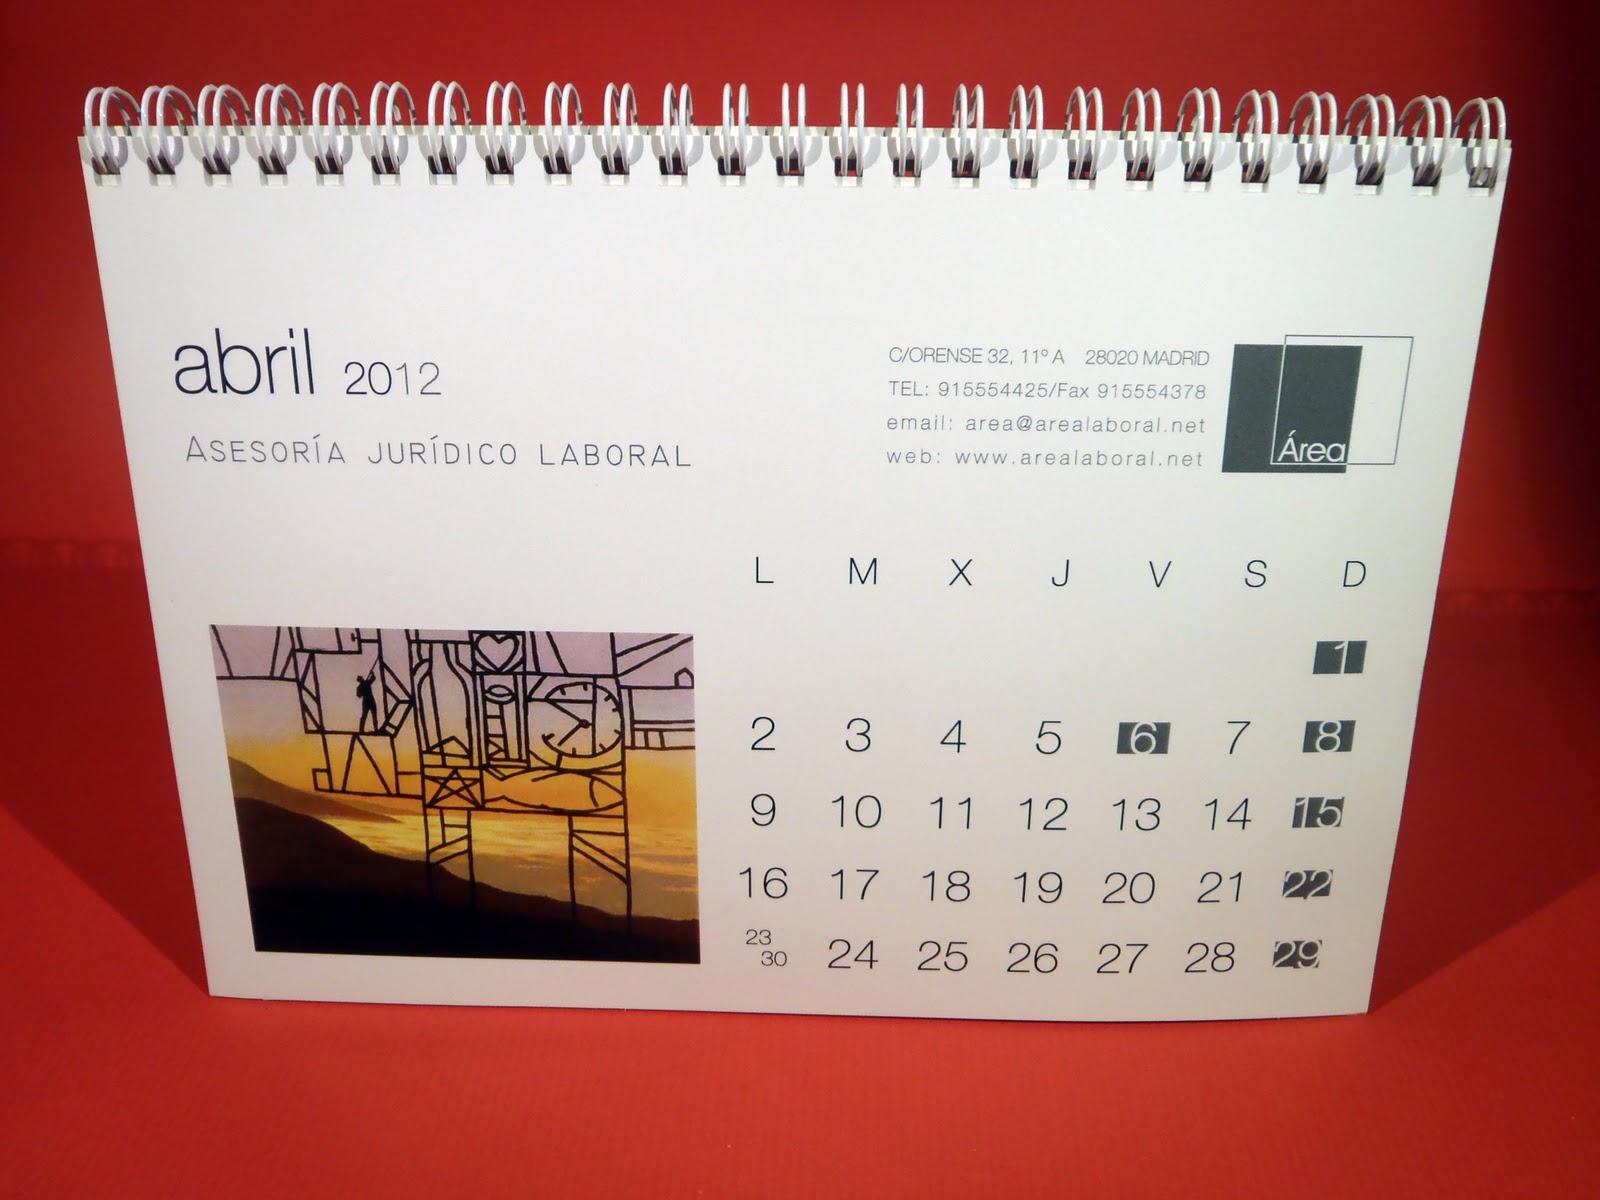 Grupo agd calendarios de mesa - Calendario de mesa ...